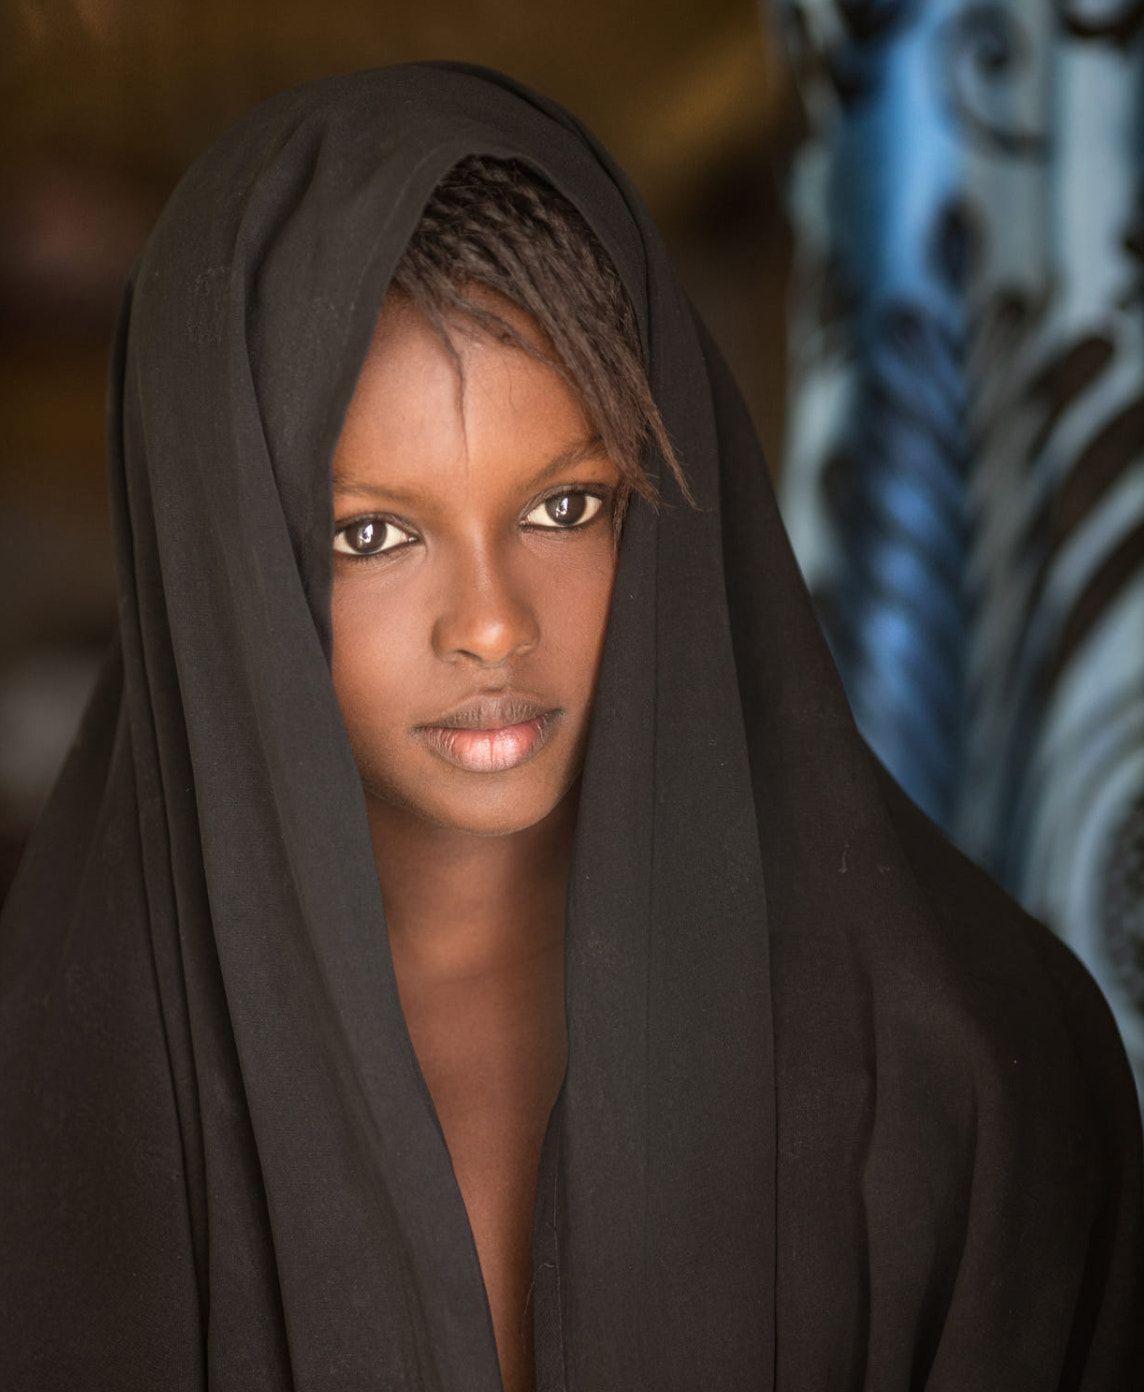 fc0783e8c3 Gyönyörű Fekete Nők, Afroamerikai Nők Képeken, Fekete Lányok, Afrikai Nők,  Sötét,